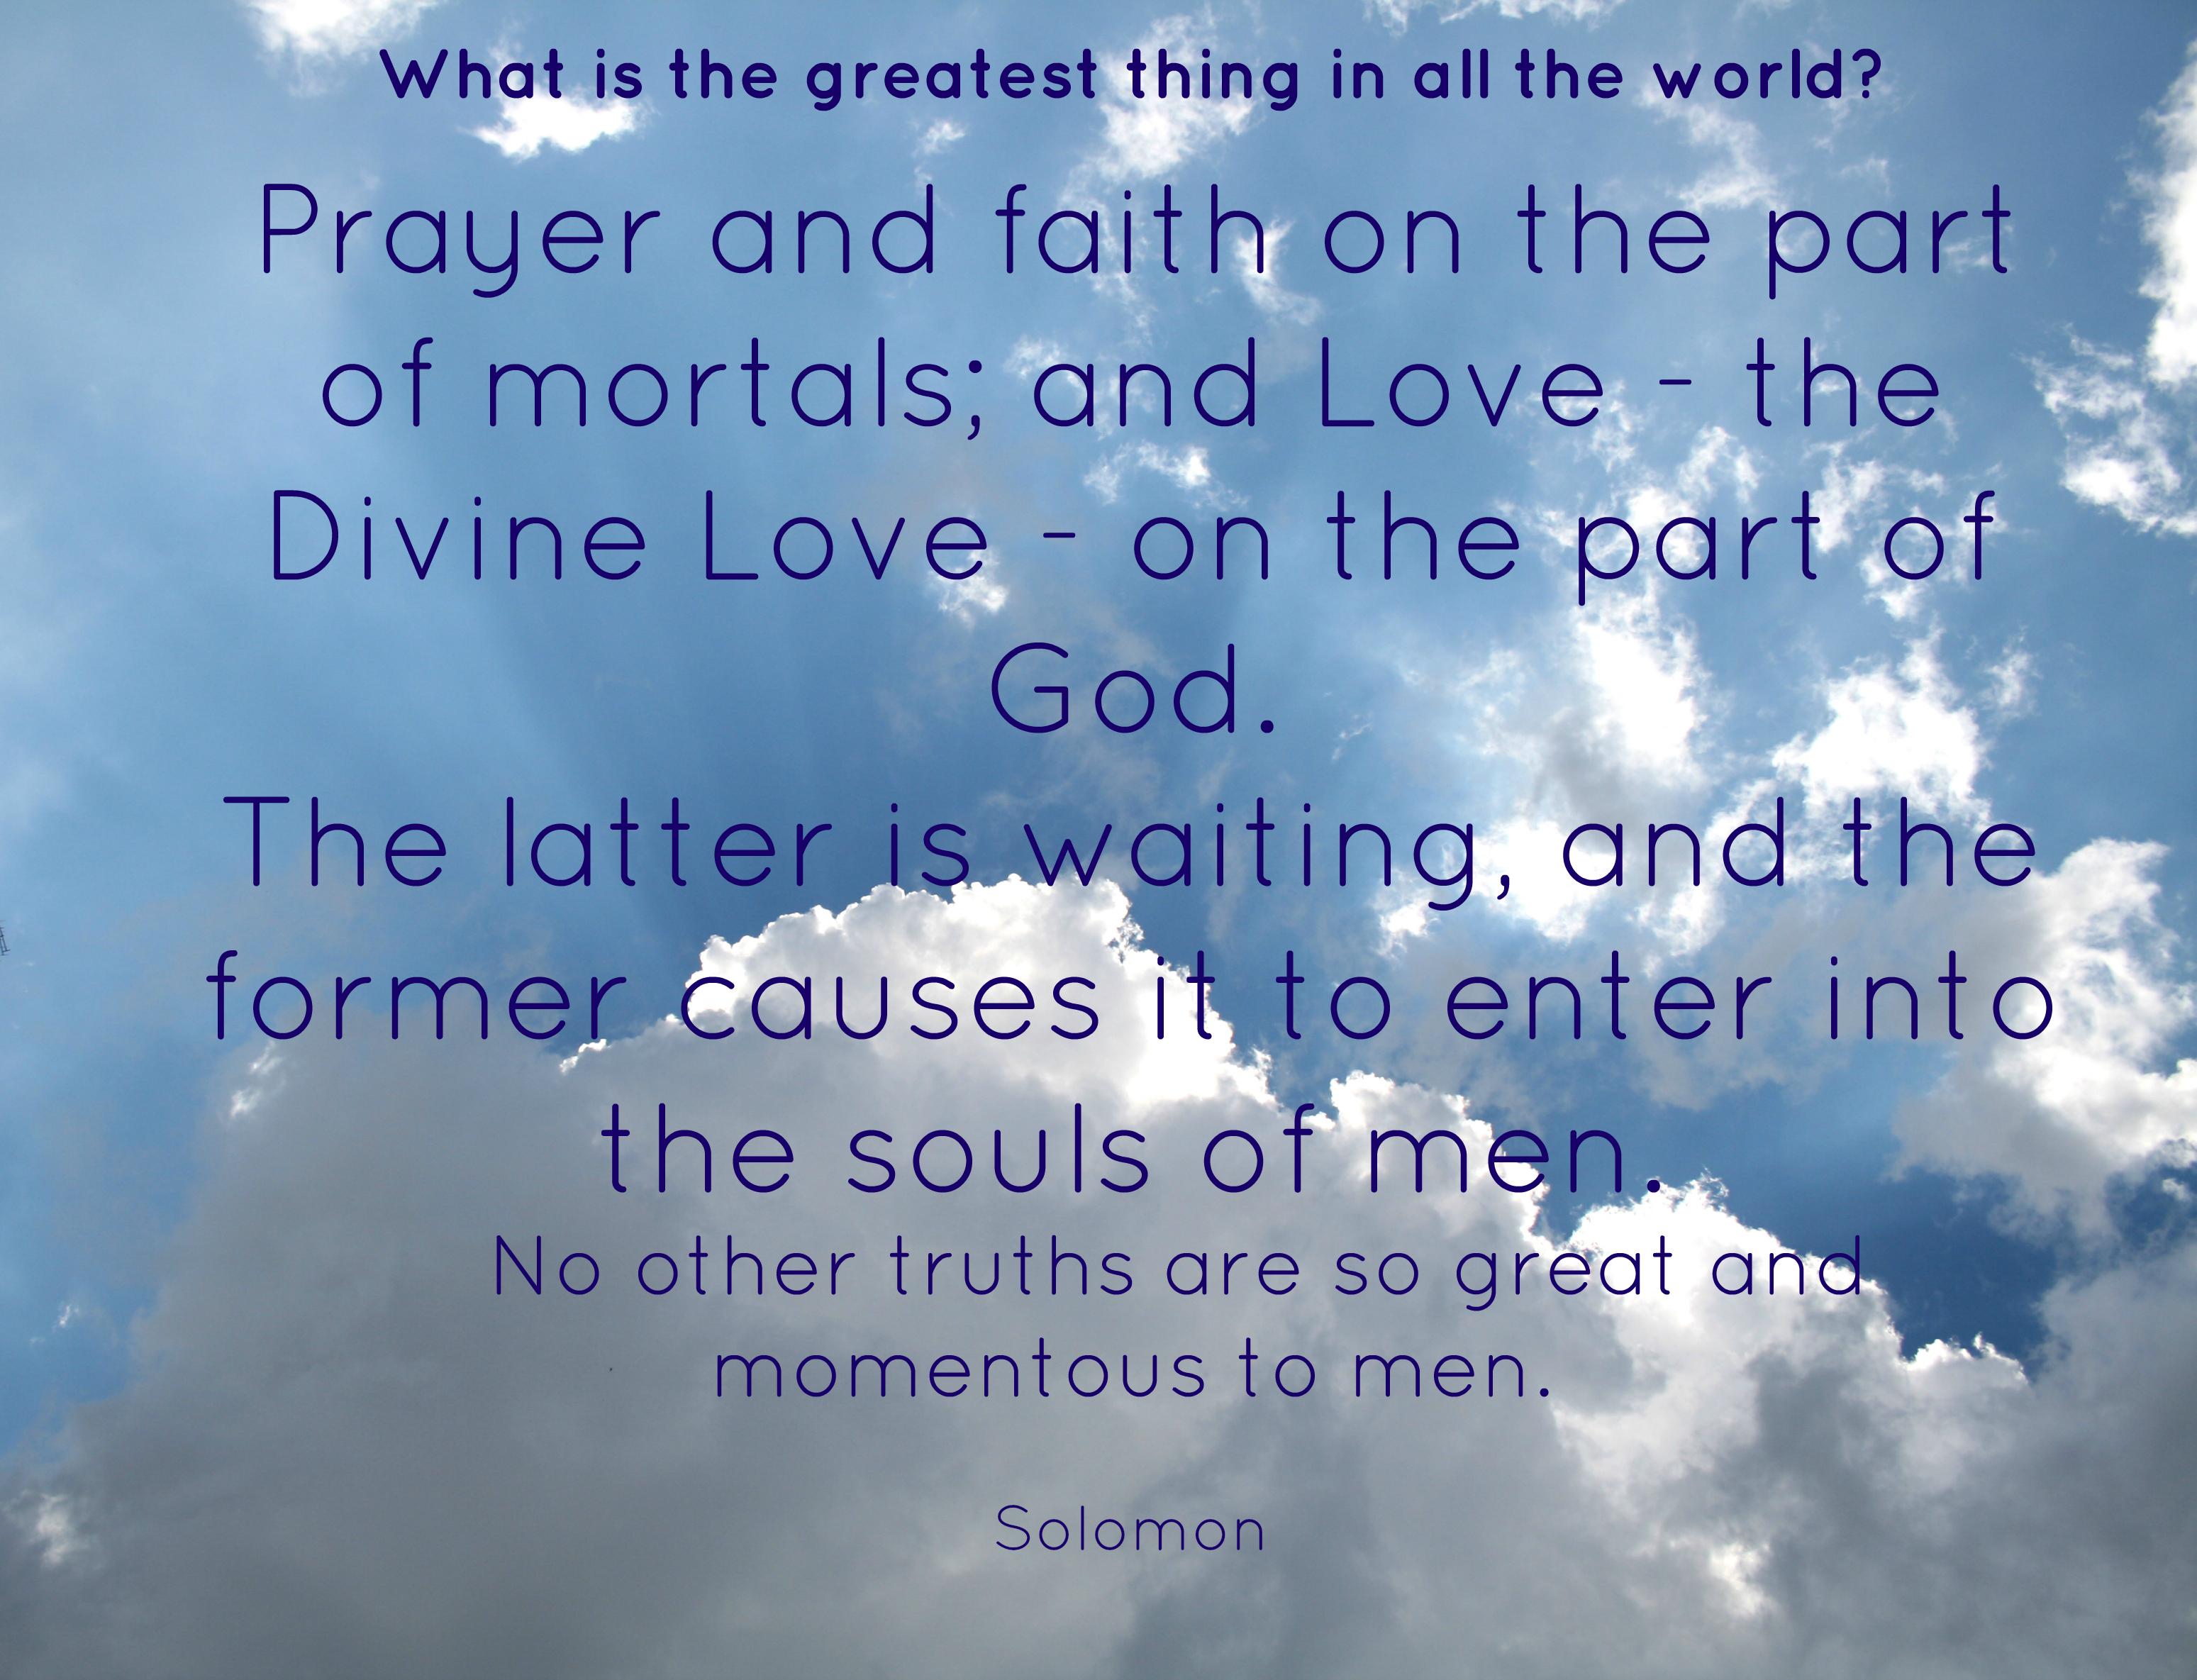 solomon sky